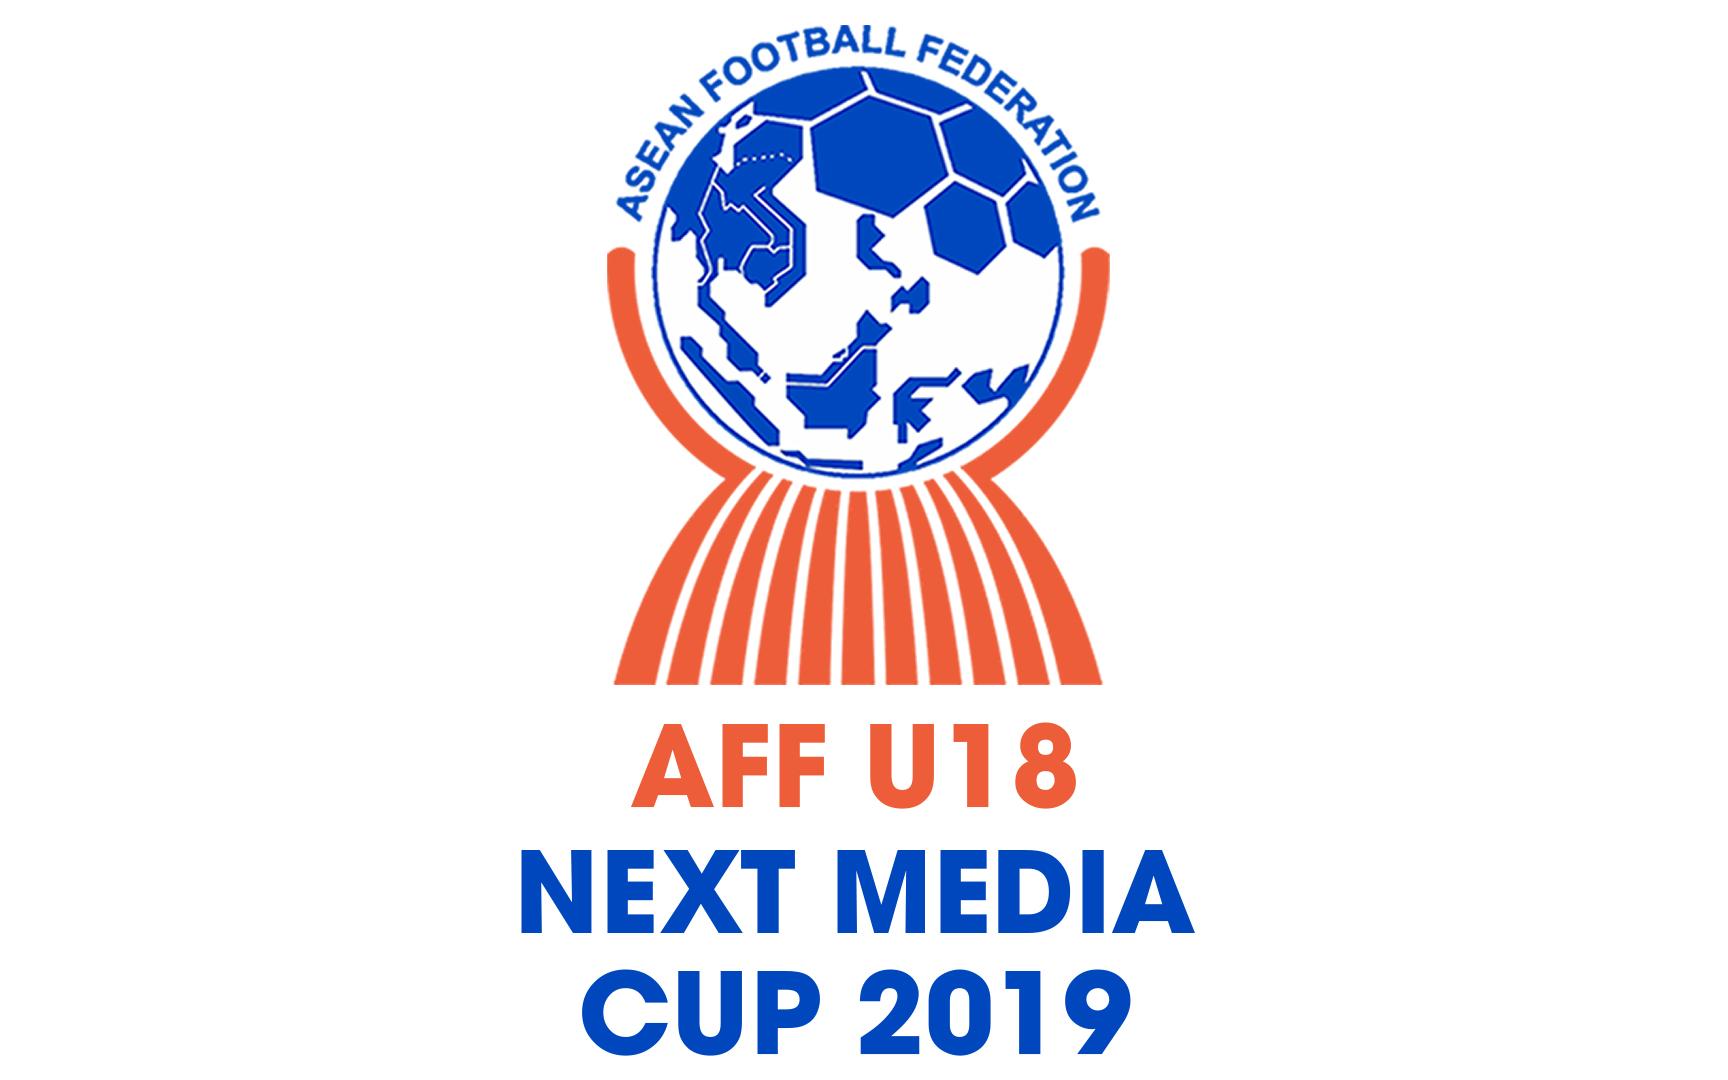 AFF U18 Next Media Cup 2019: Lượt trận cuối bảng B sẽ diễn ra cùng giờ